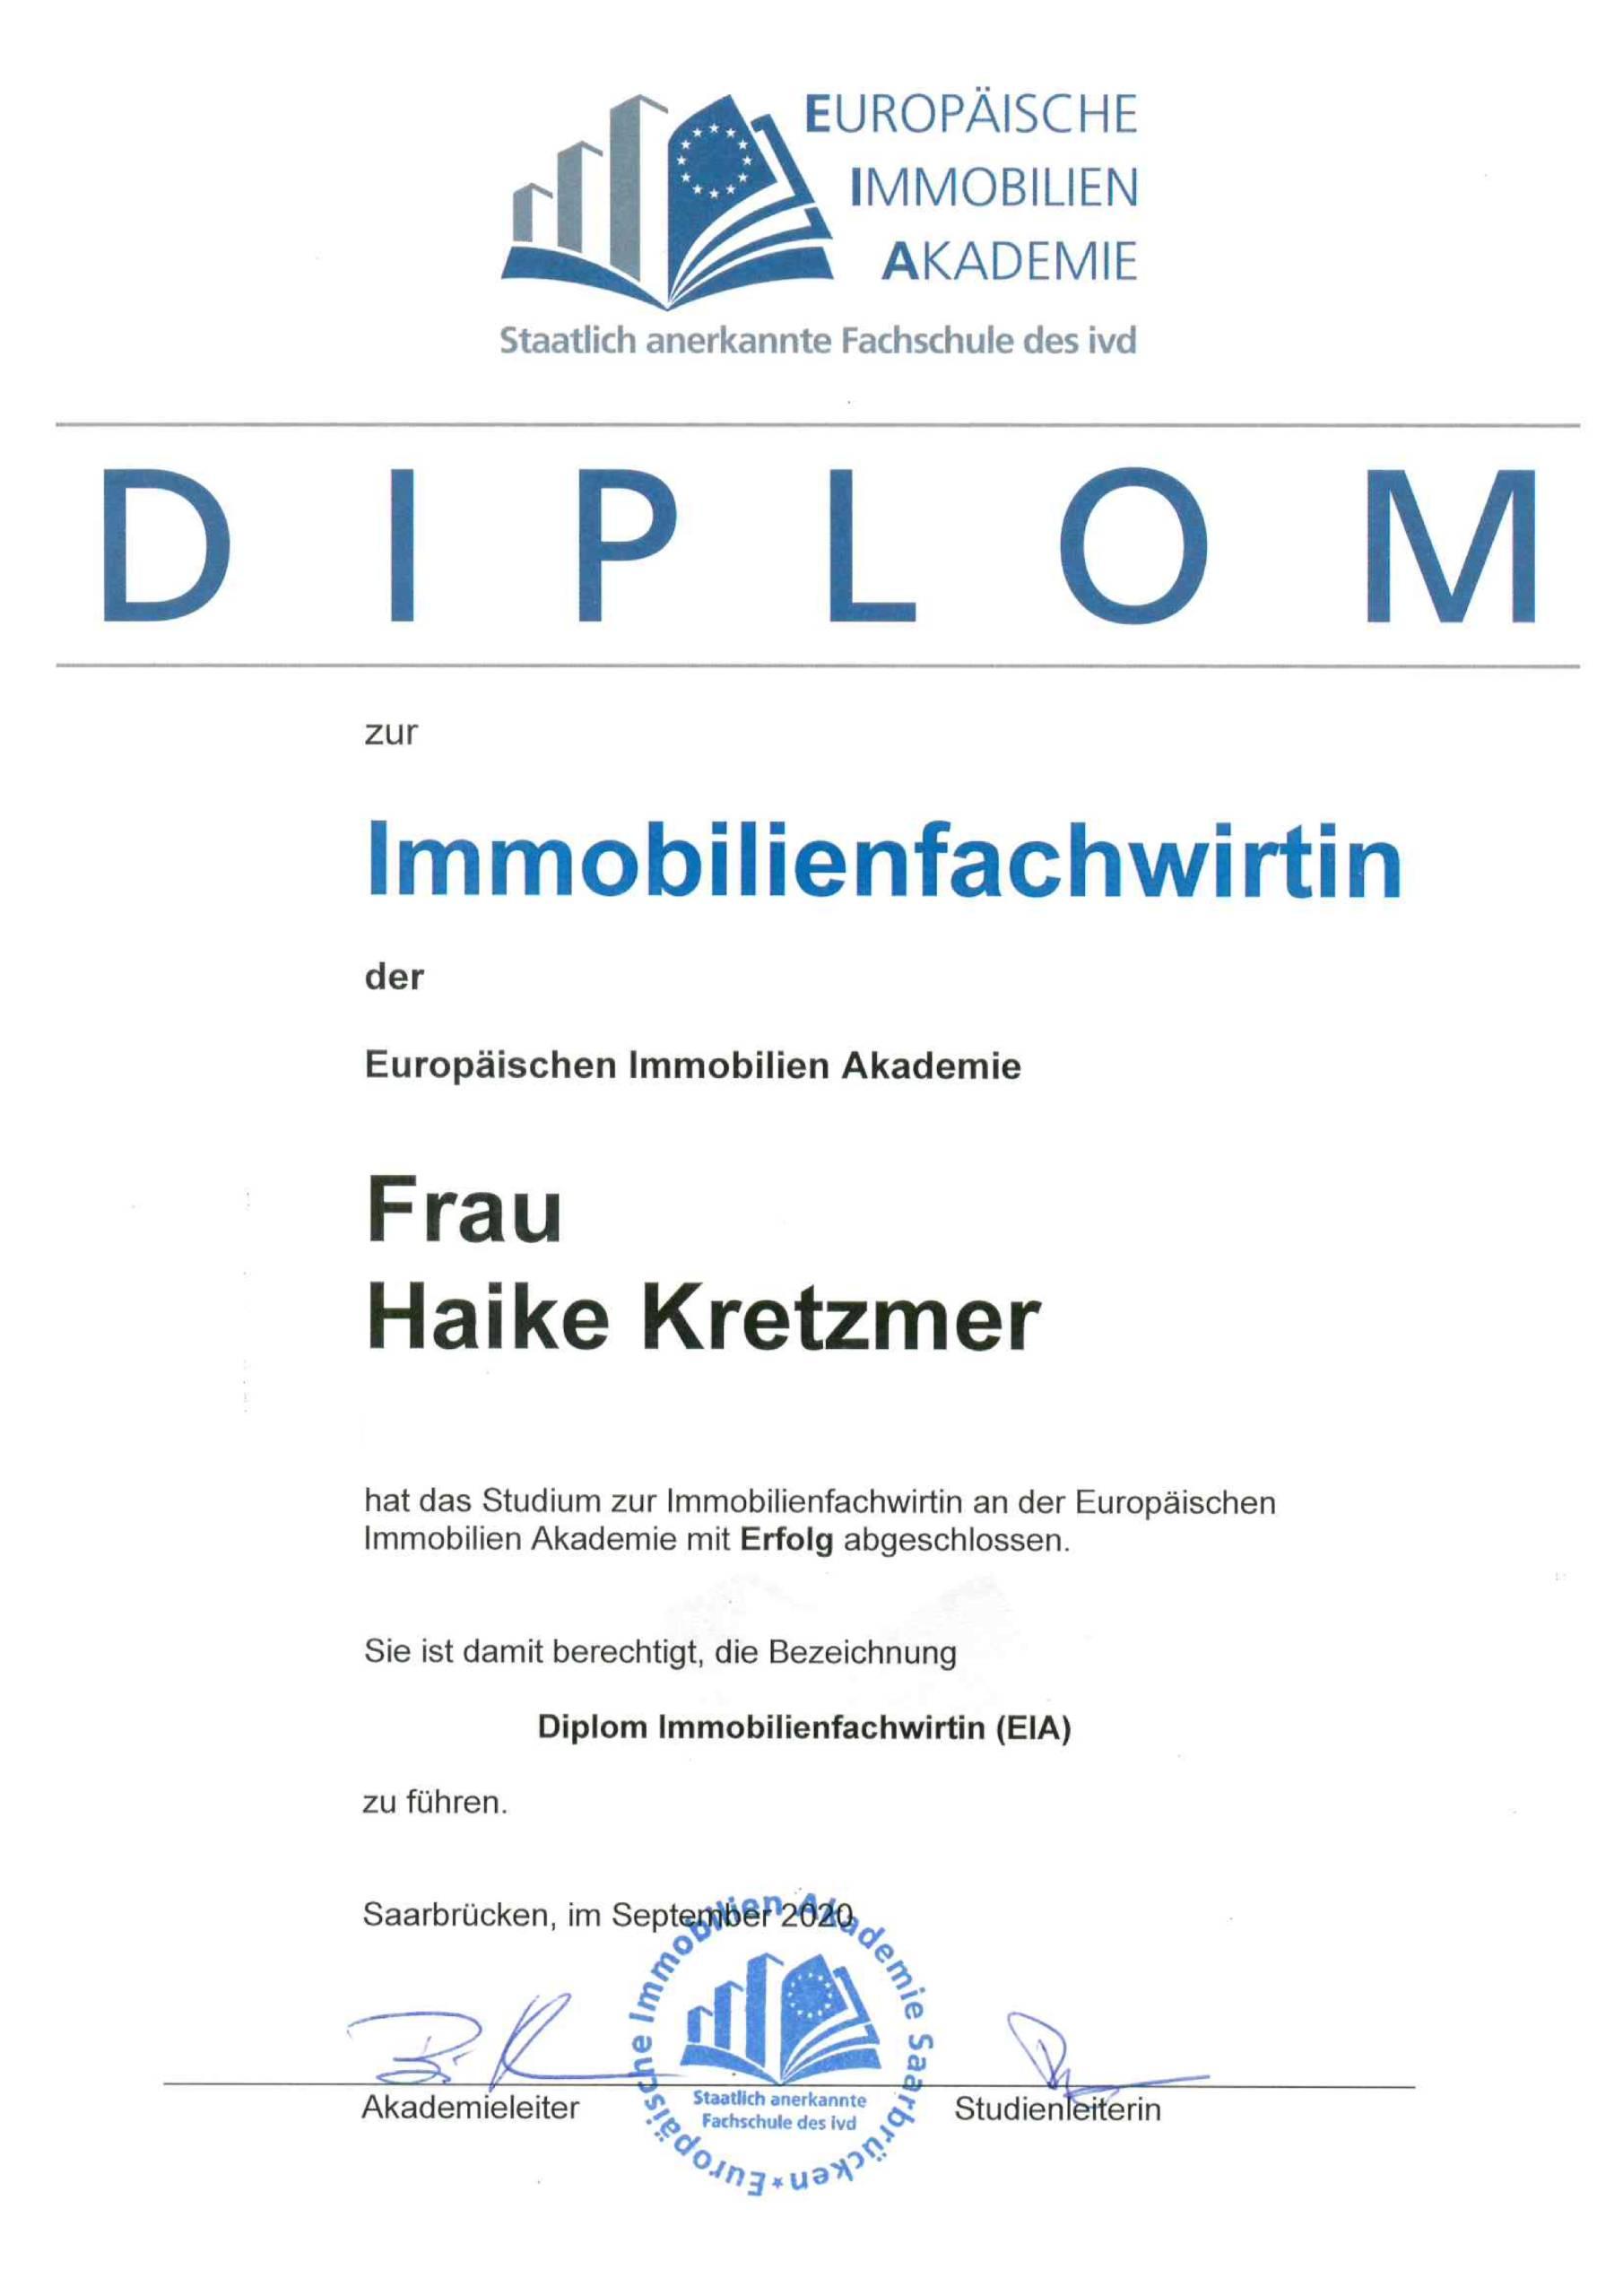 kretzmer_immofach_thumb